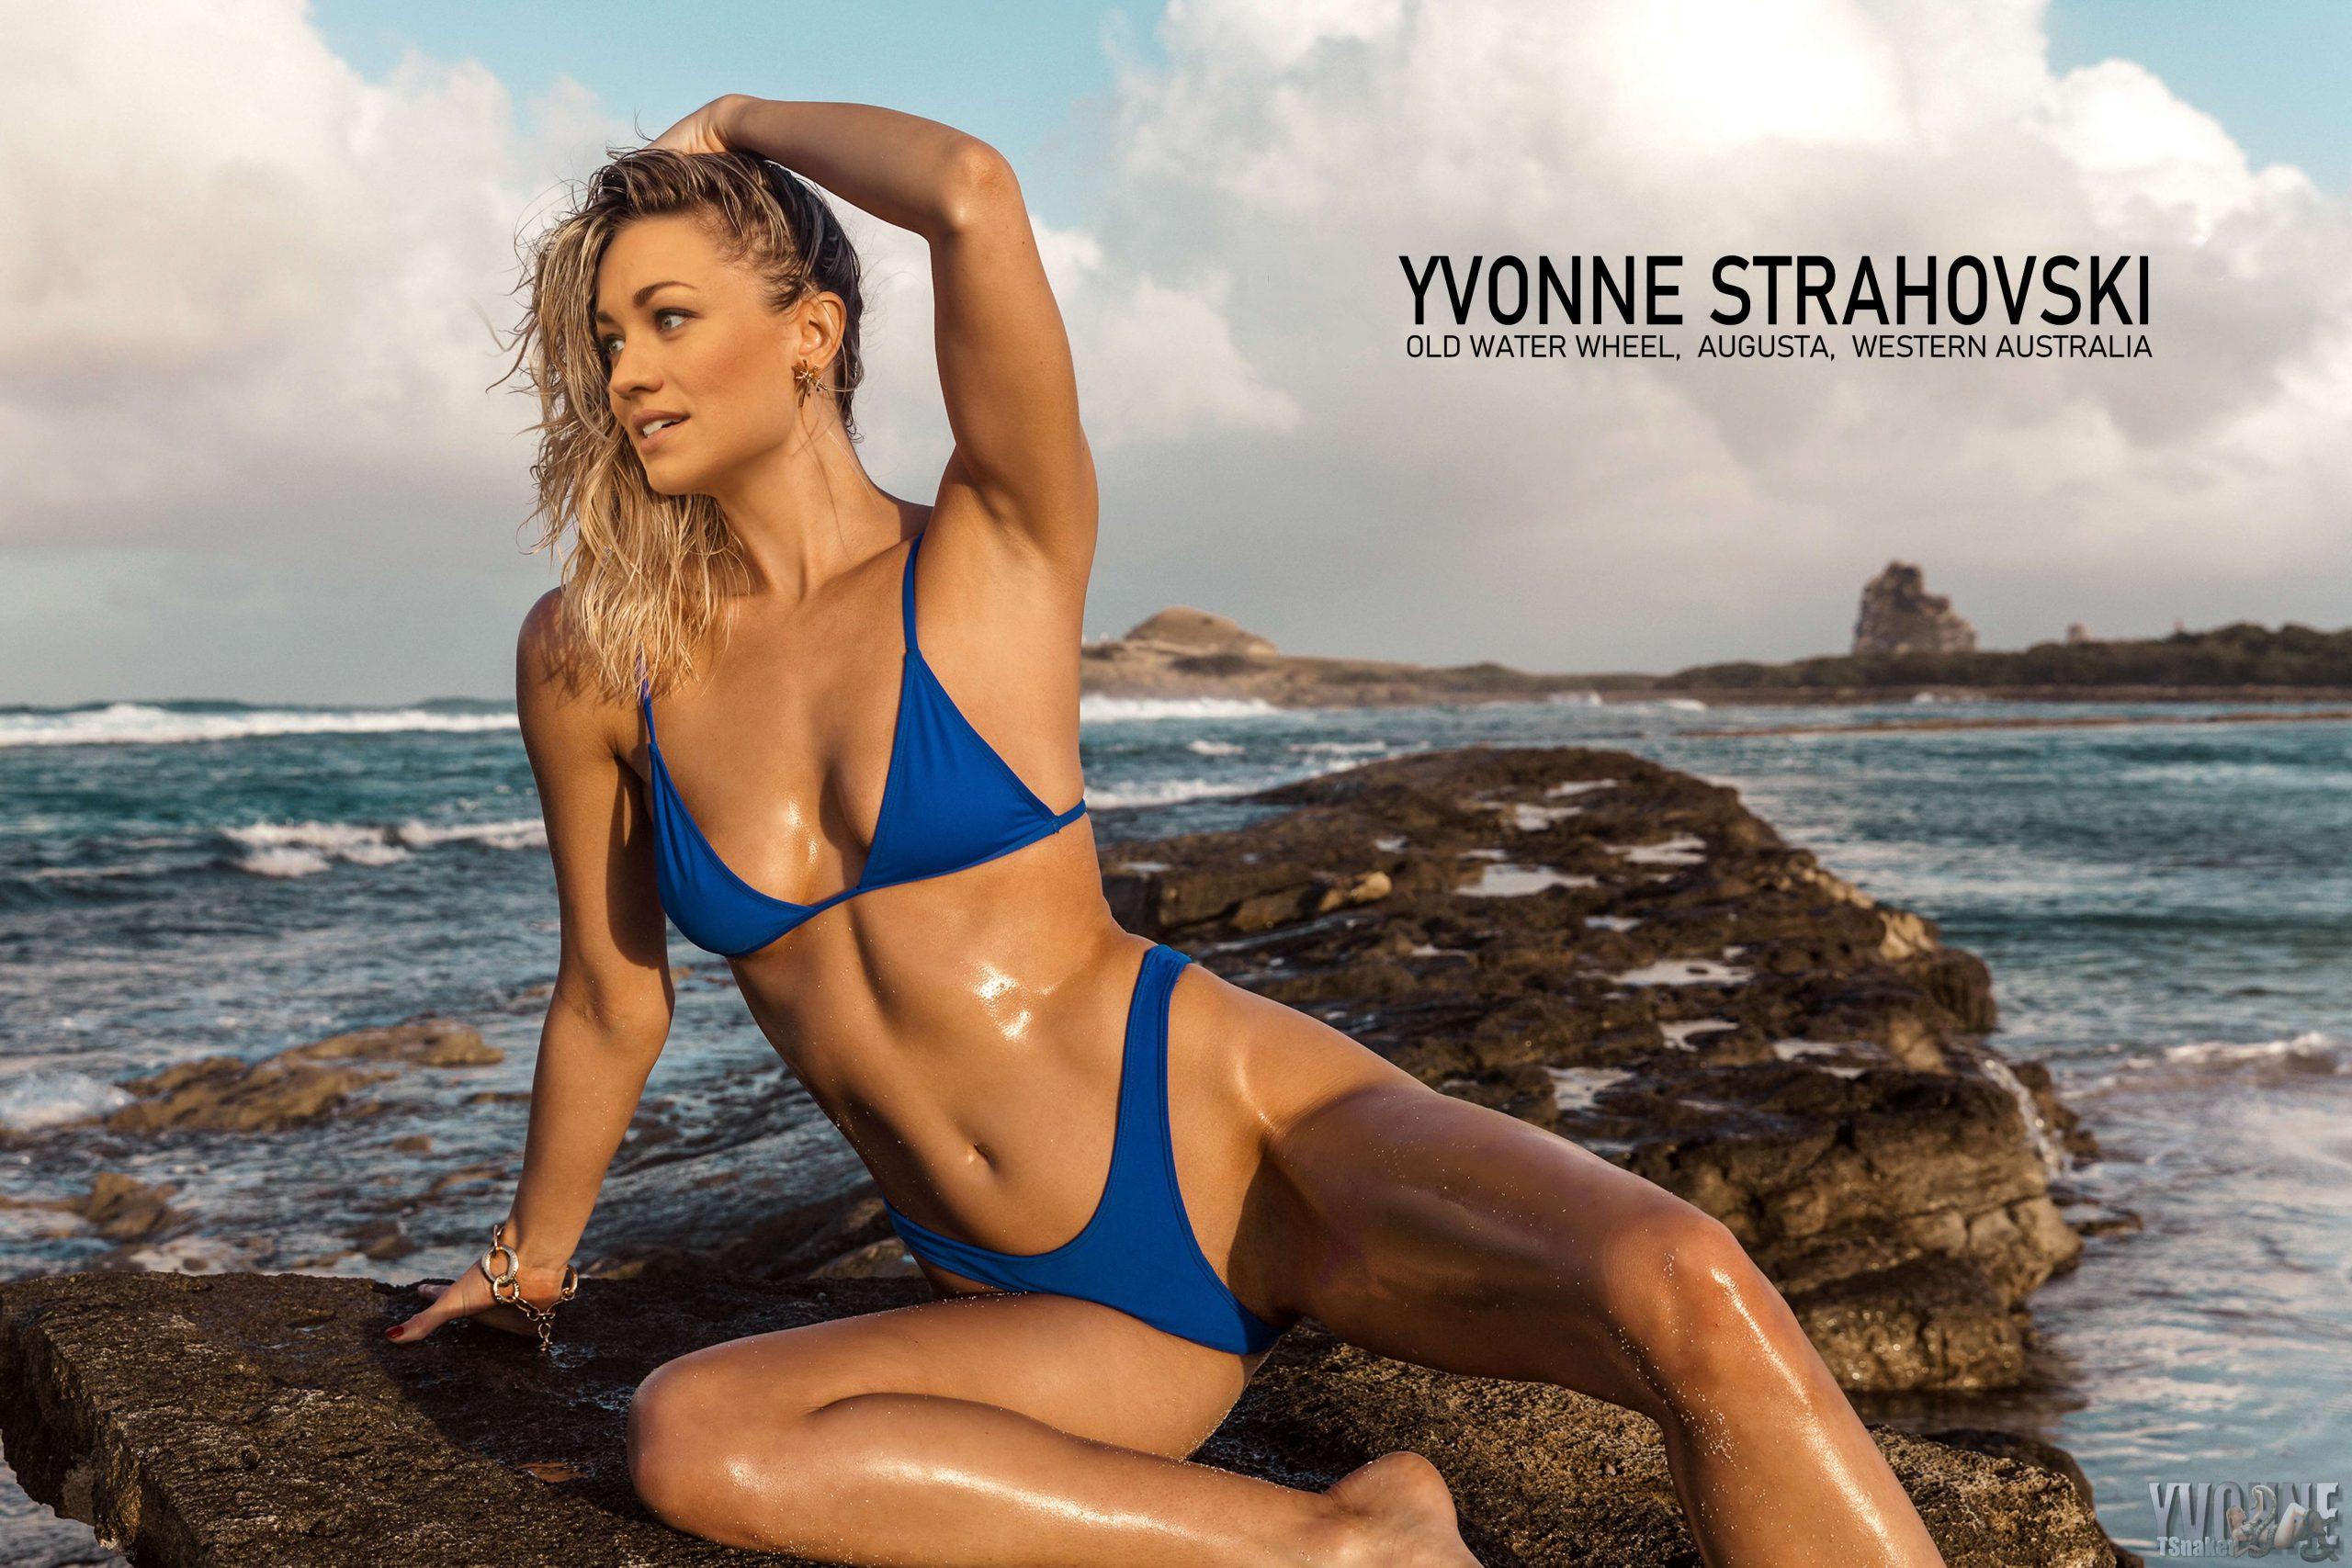 Yvonne Strahovski Full HD